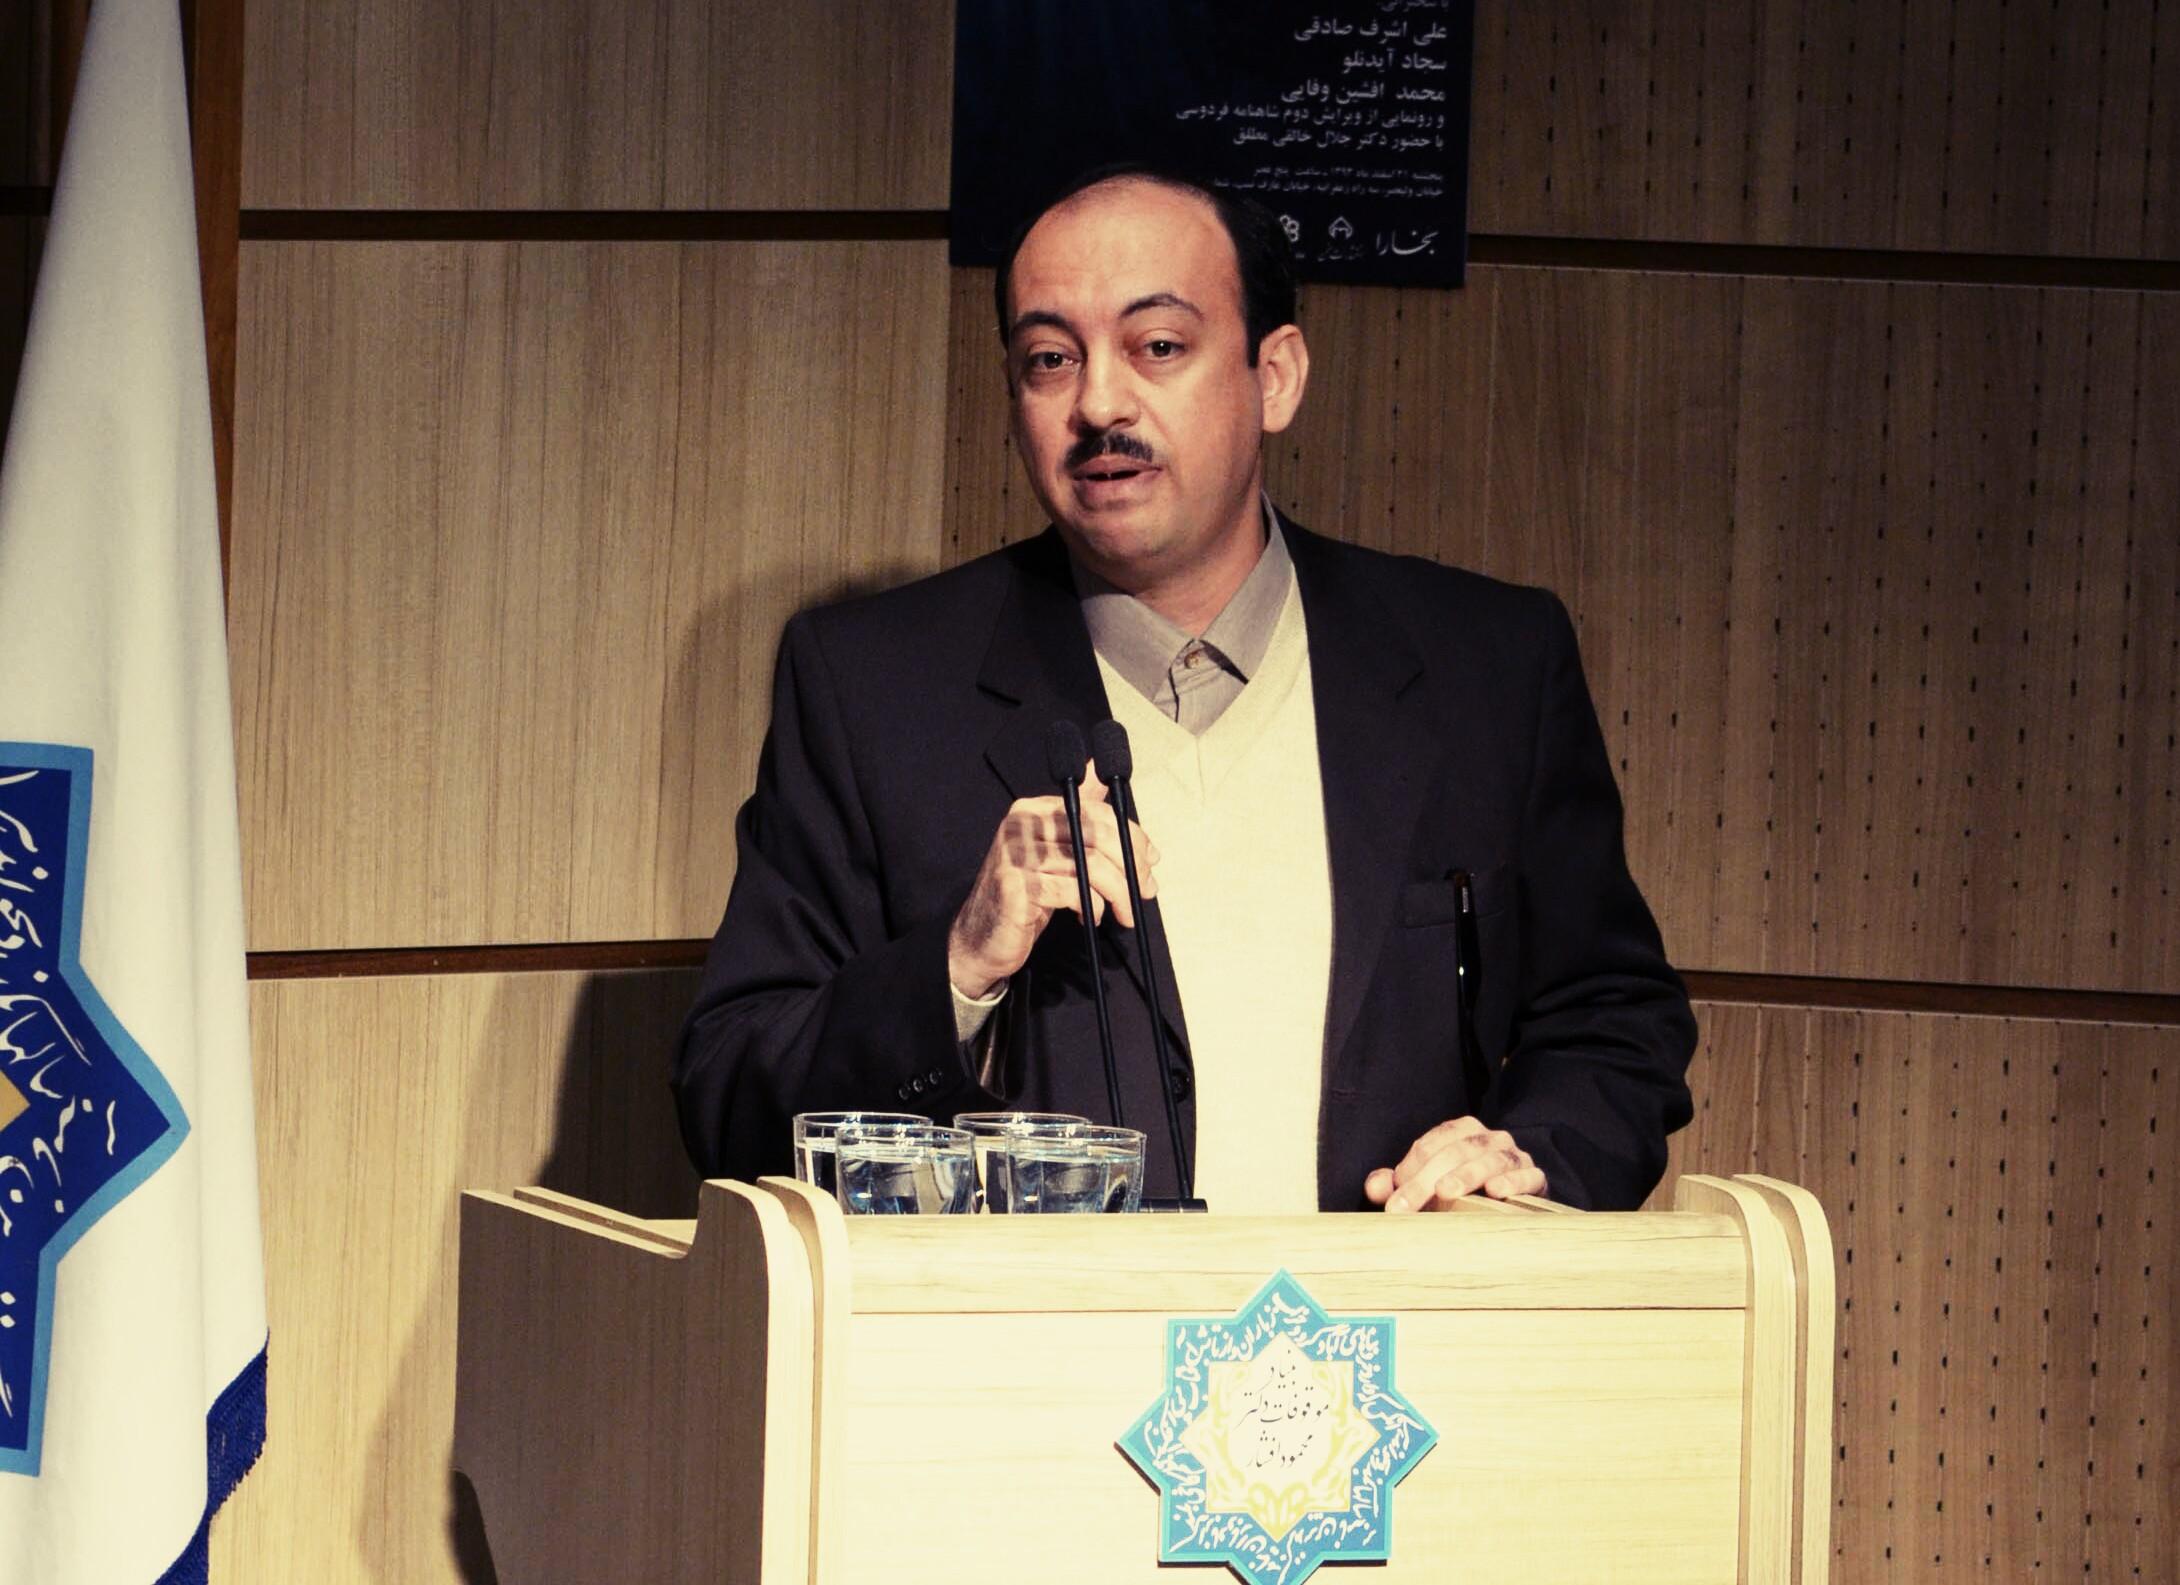 سخنرانی سجاد آیدنلو در بزرگداشت فردوسی در اصفهان ( عکس از بخارا )